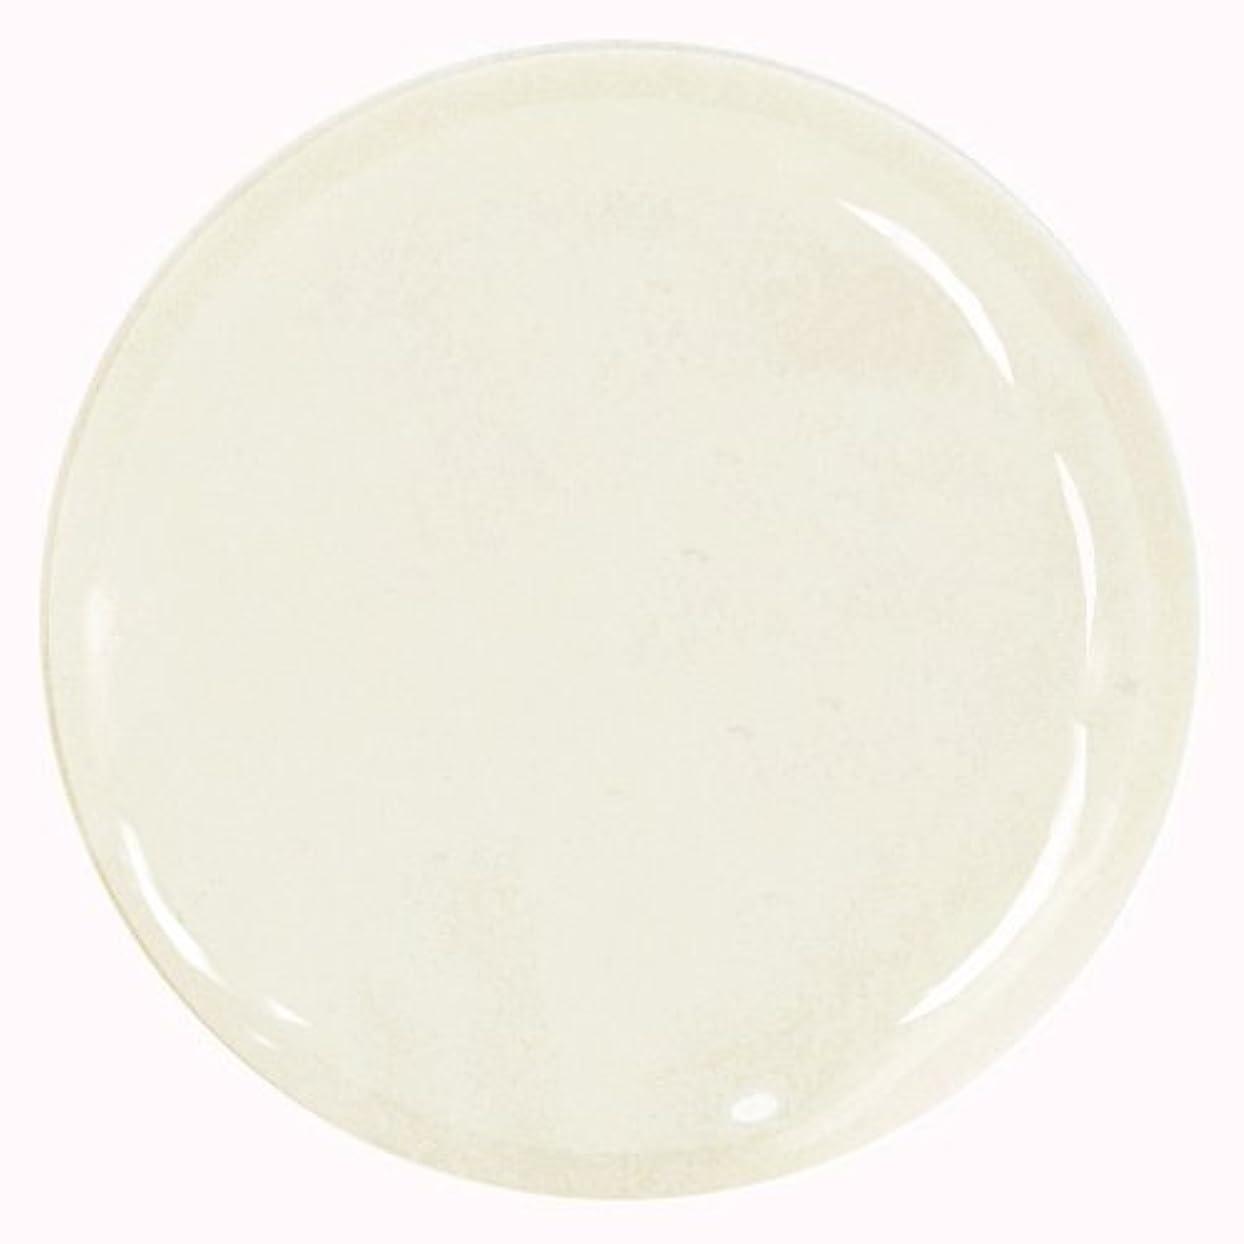 剪断感じコーチクリアジェル ソークオフジェル(3in1ソフトジェル)LED/UV 5g NC000